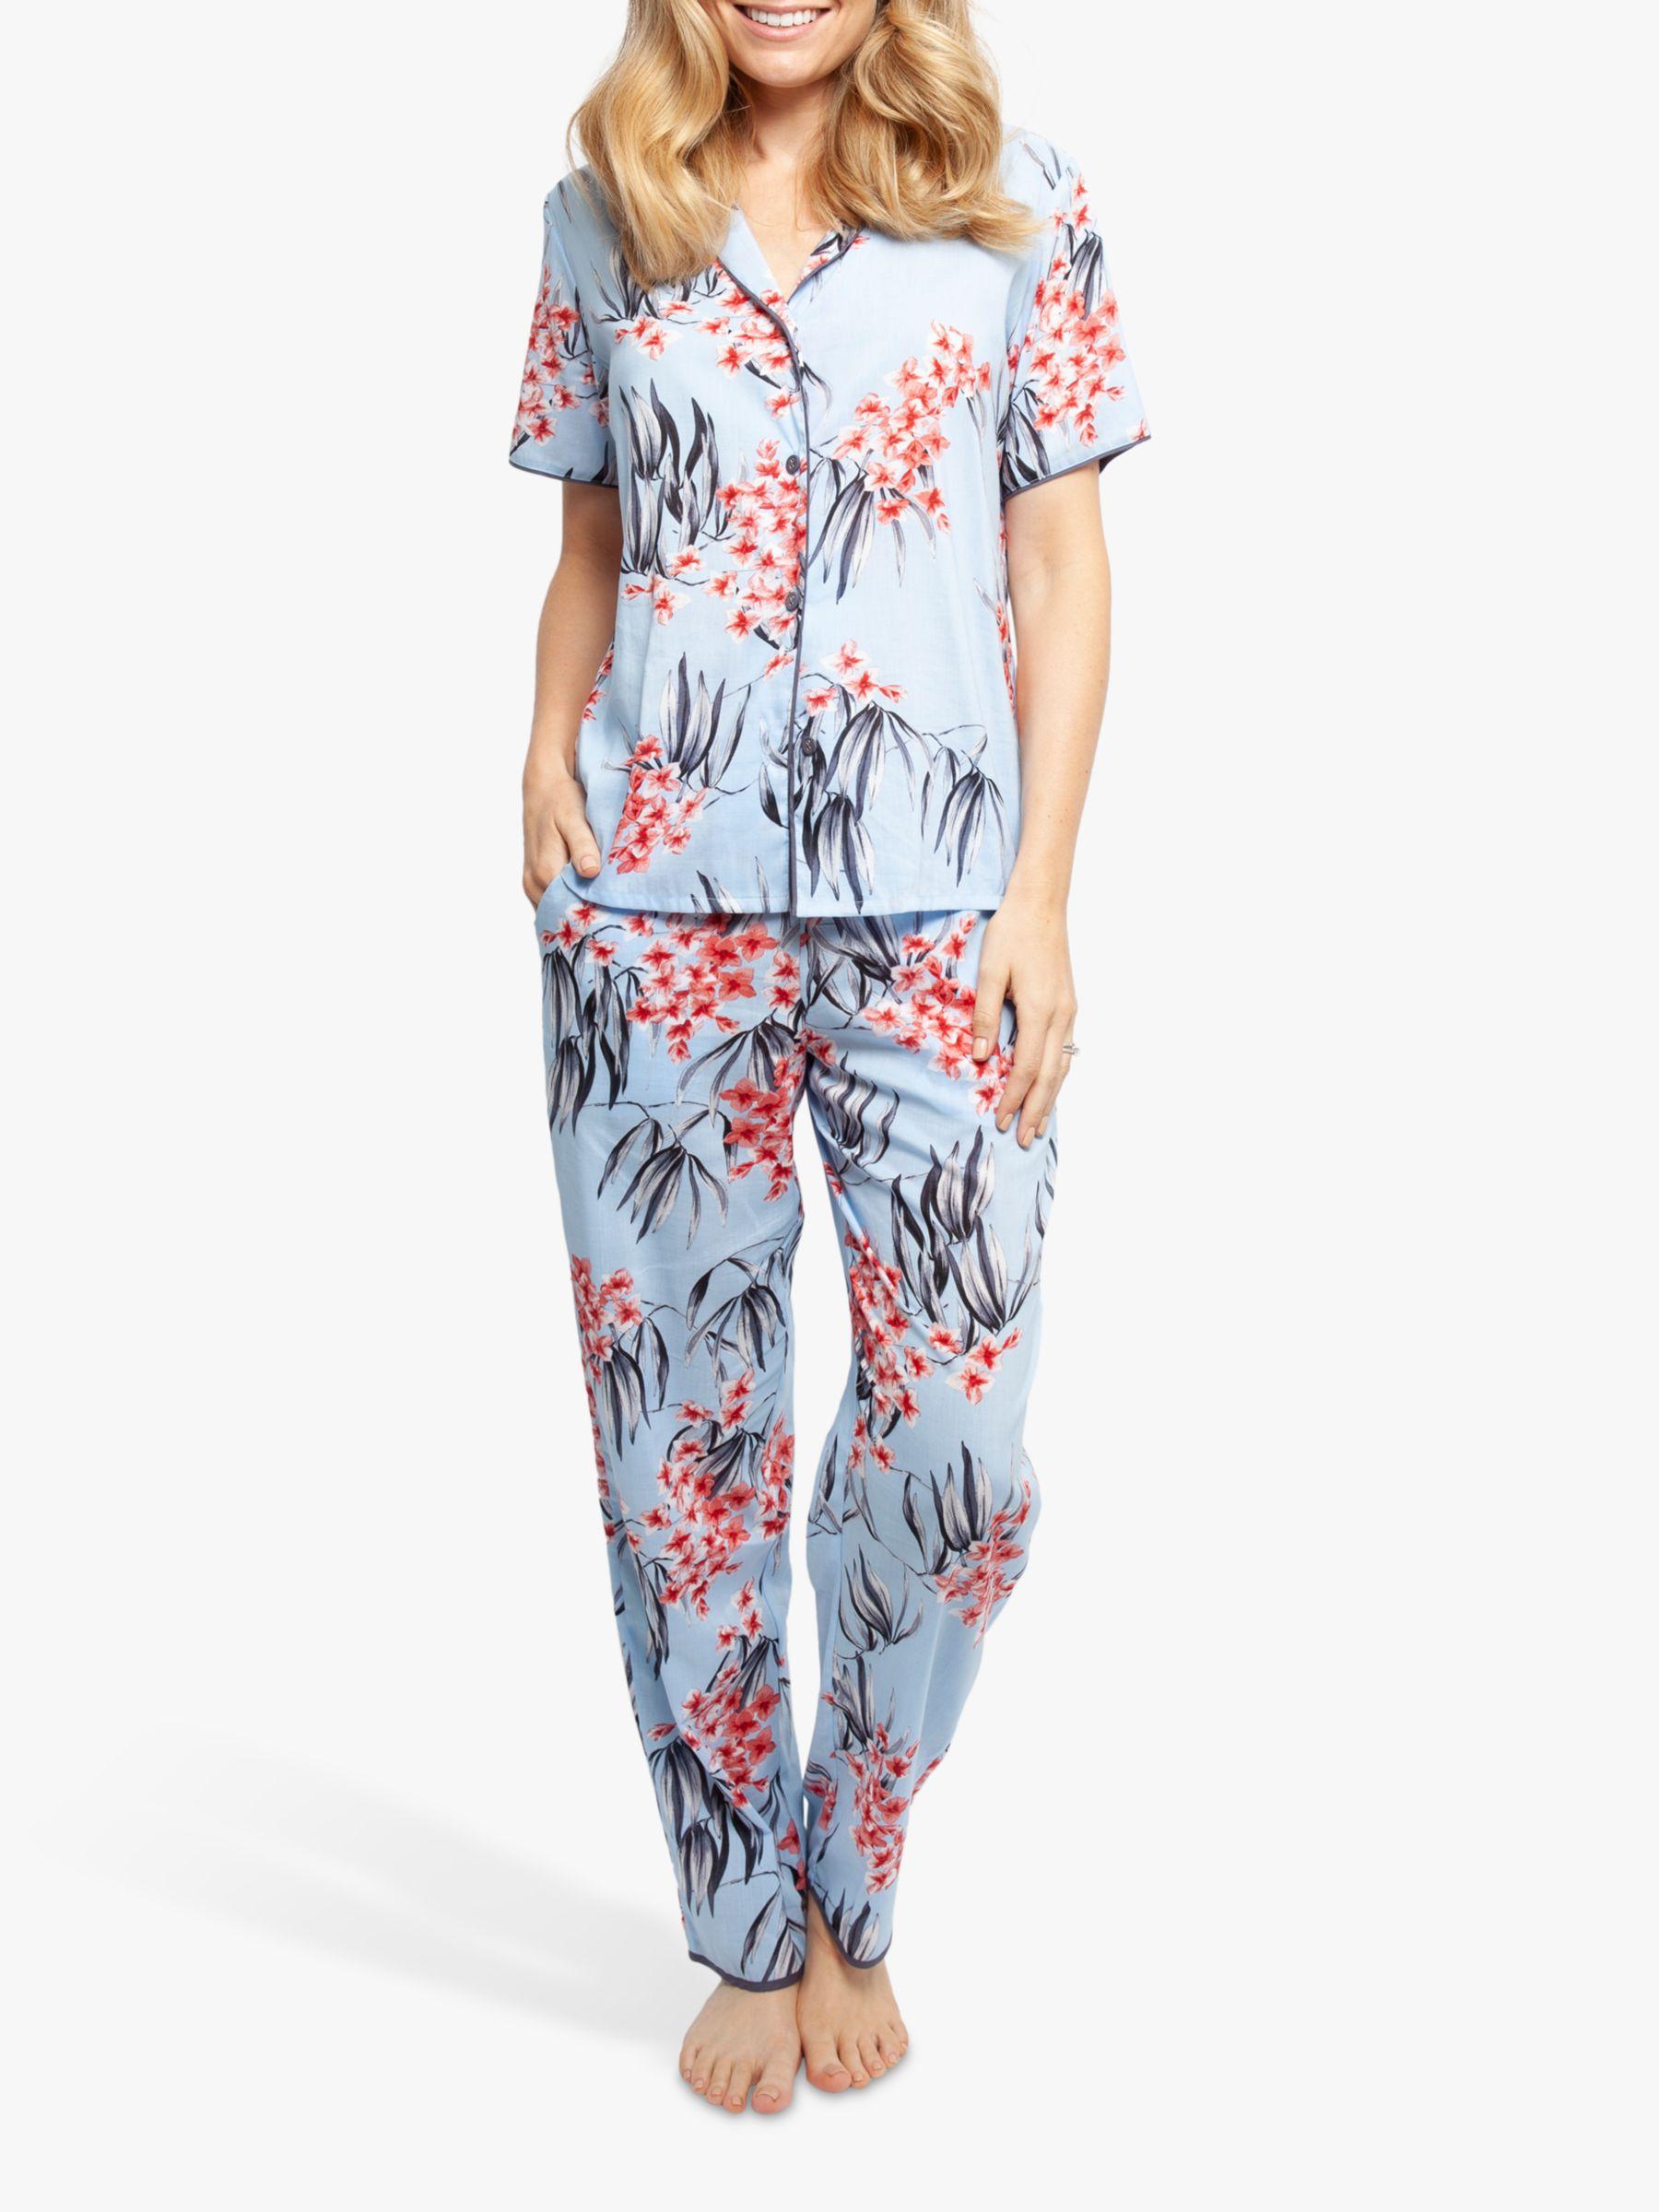 Cyberjammies Cyberjammies Olivia Floral Print Pyjama Top, Blue